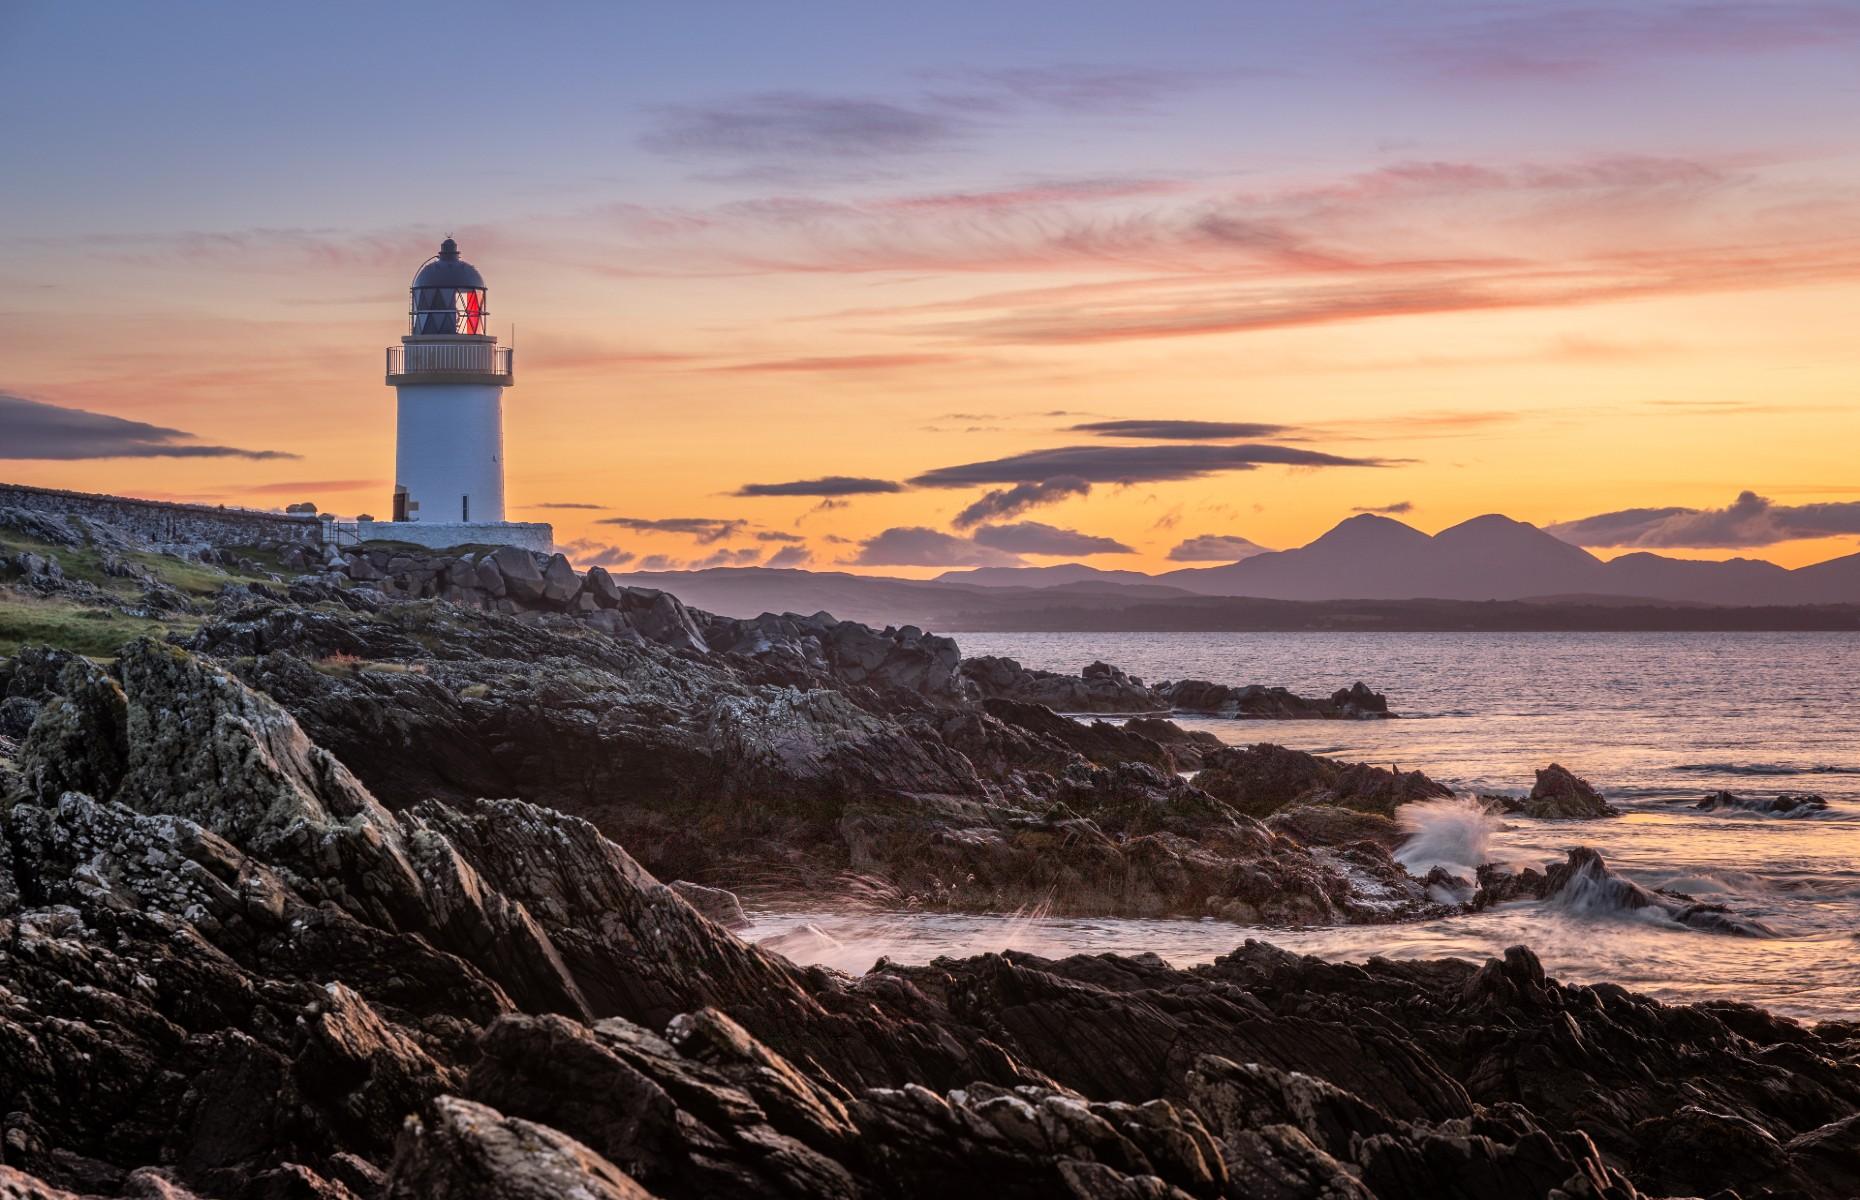 Port Charlotte at sunrise (Image: Kevin Standage/Shutterstock)